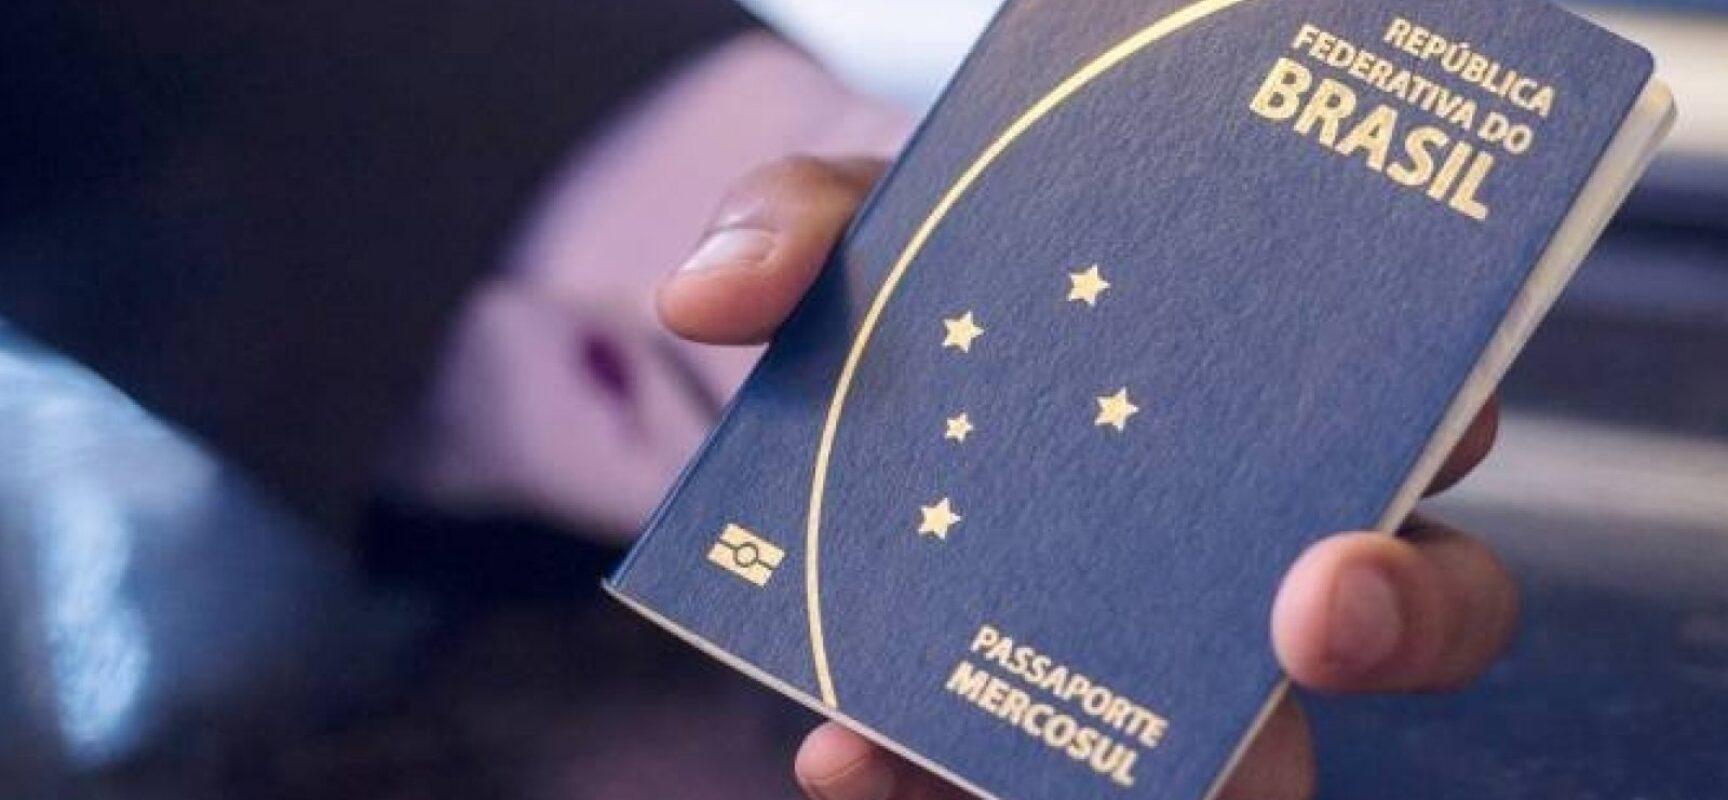 Vacina vira passaporte na retomada do turismo no mundo